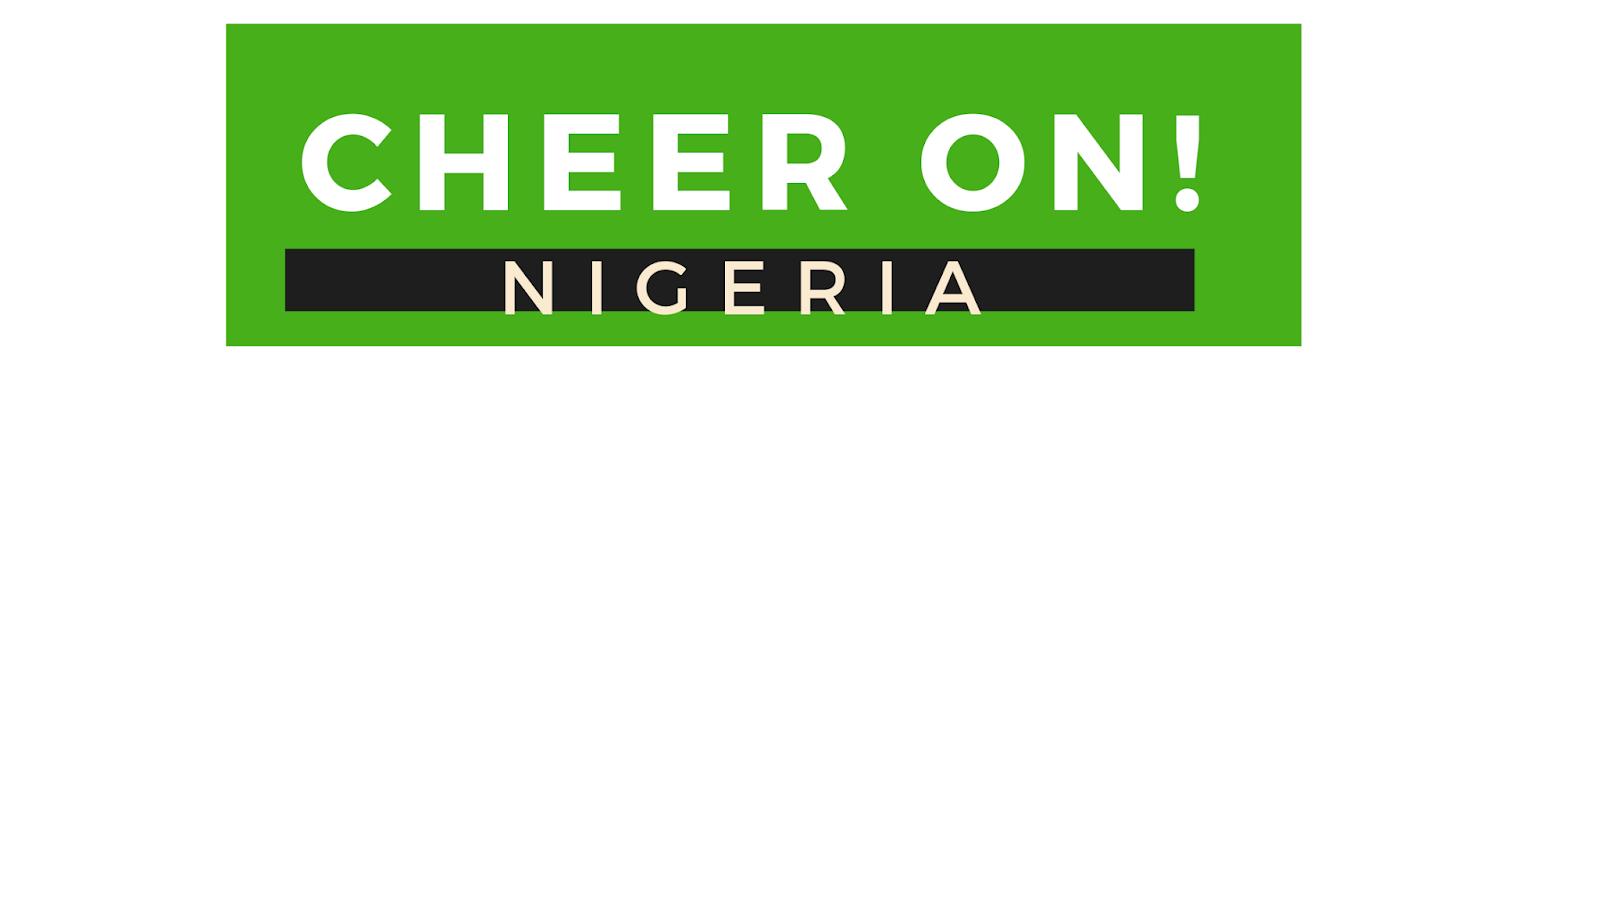 Cheer On! Nigeria